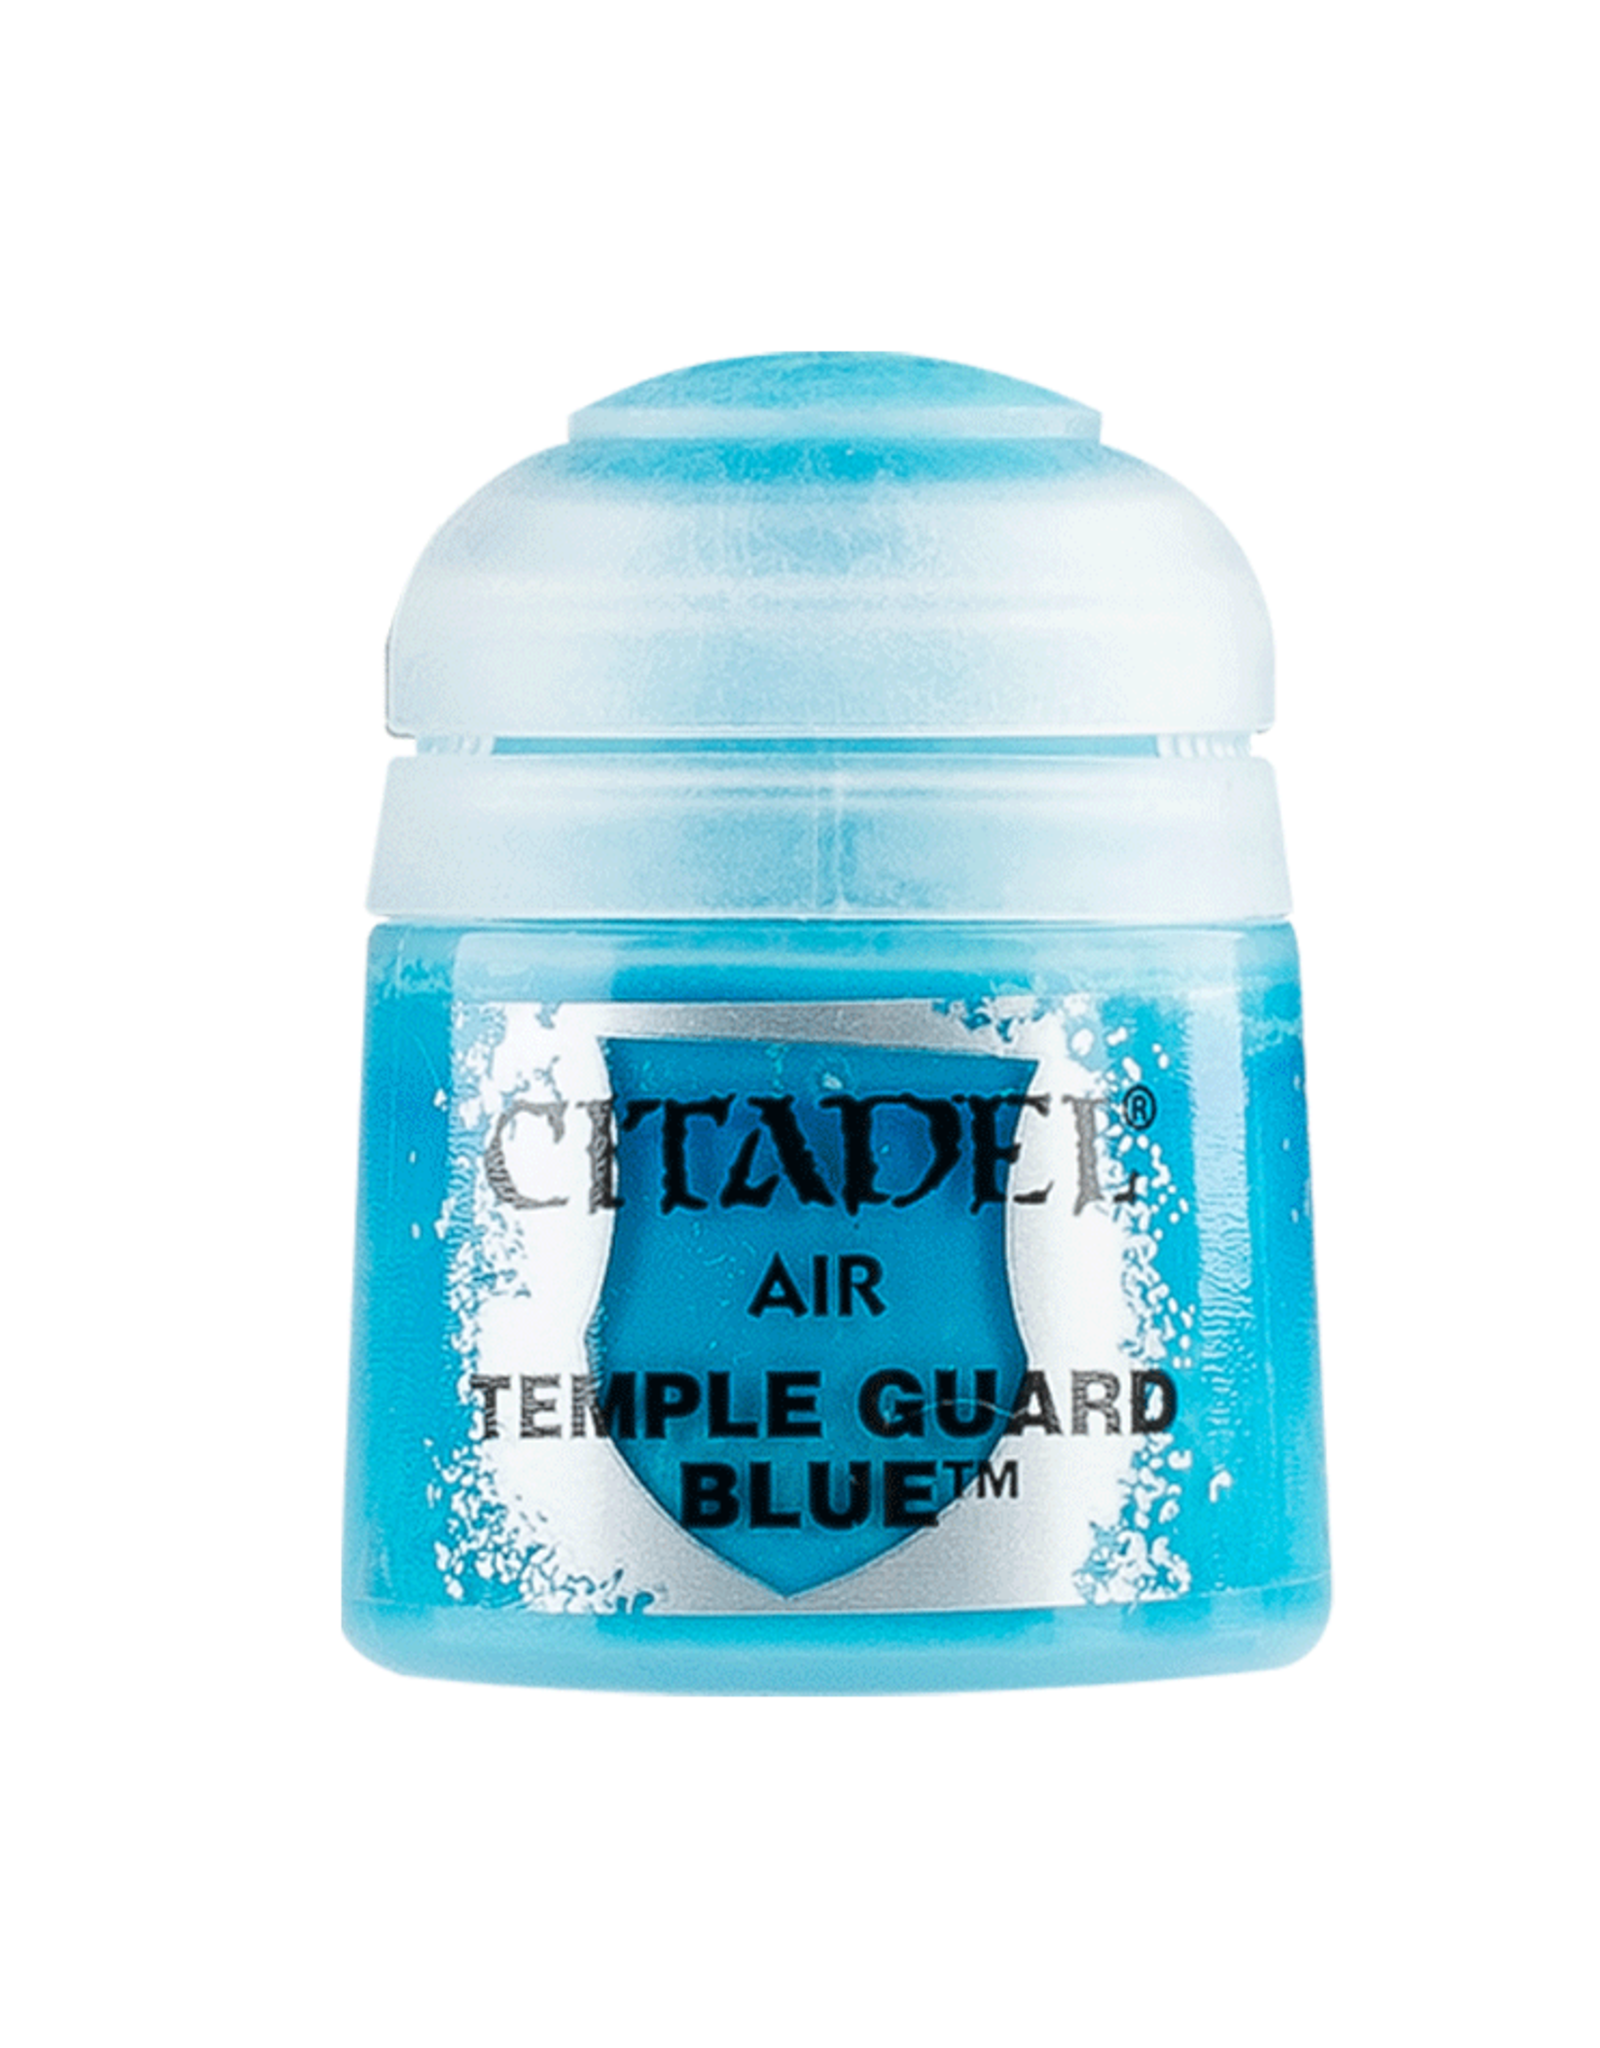 Games Workshop Citadel Air: Temple Guard Blue (24ml)